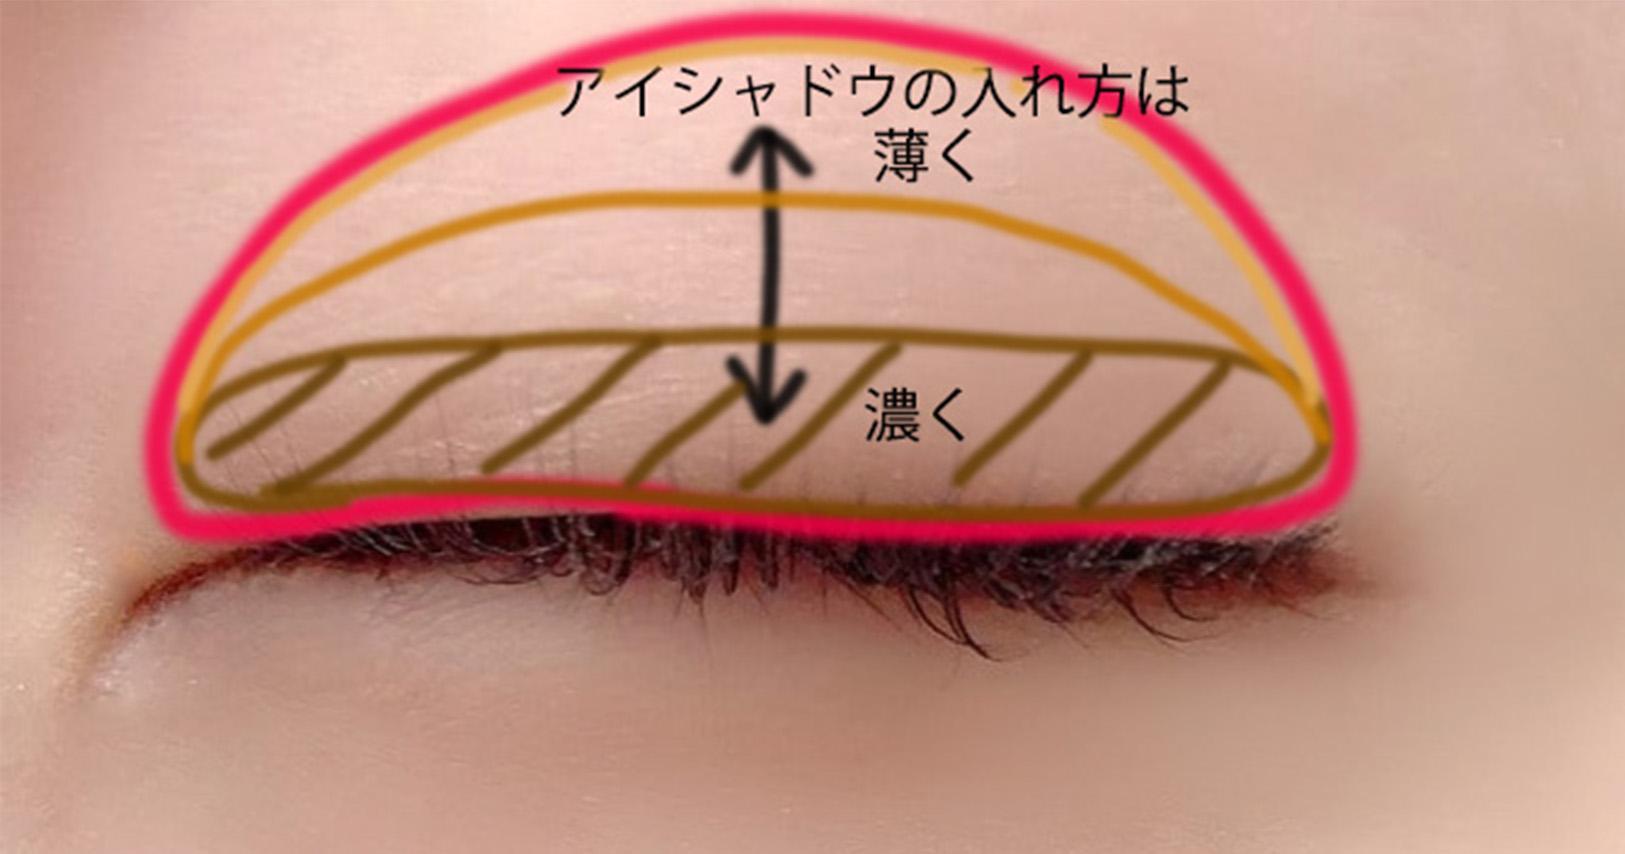 一重のアーモンド型の目のメイクをする女性